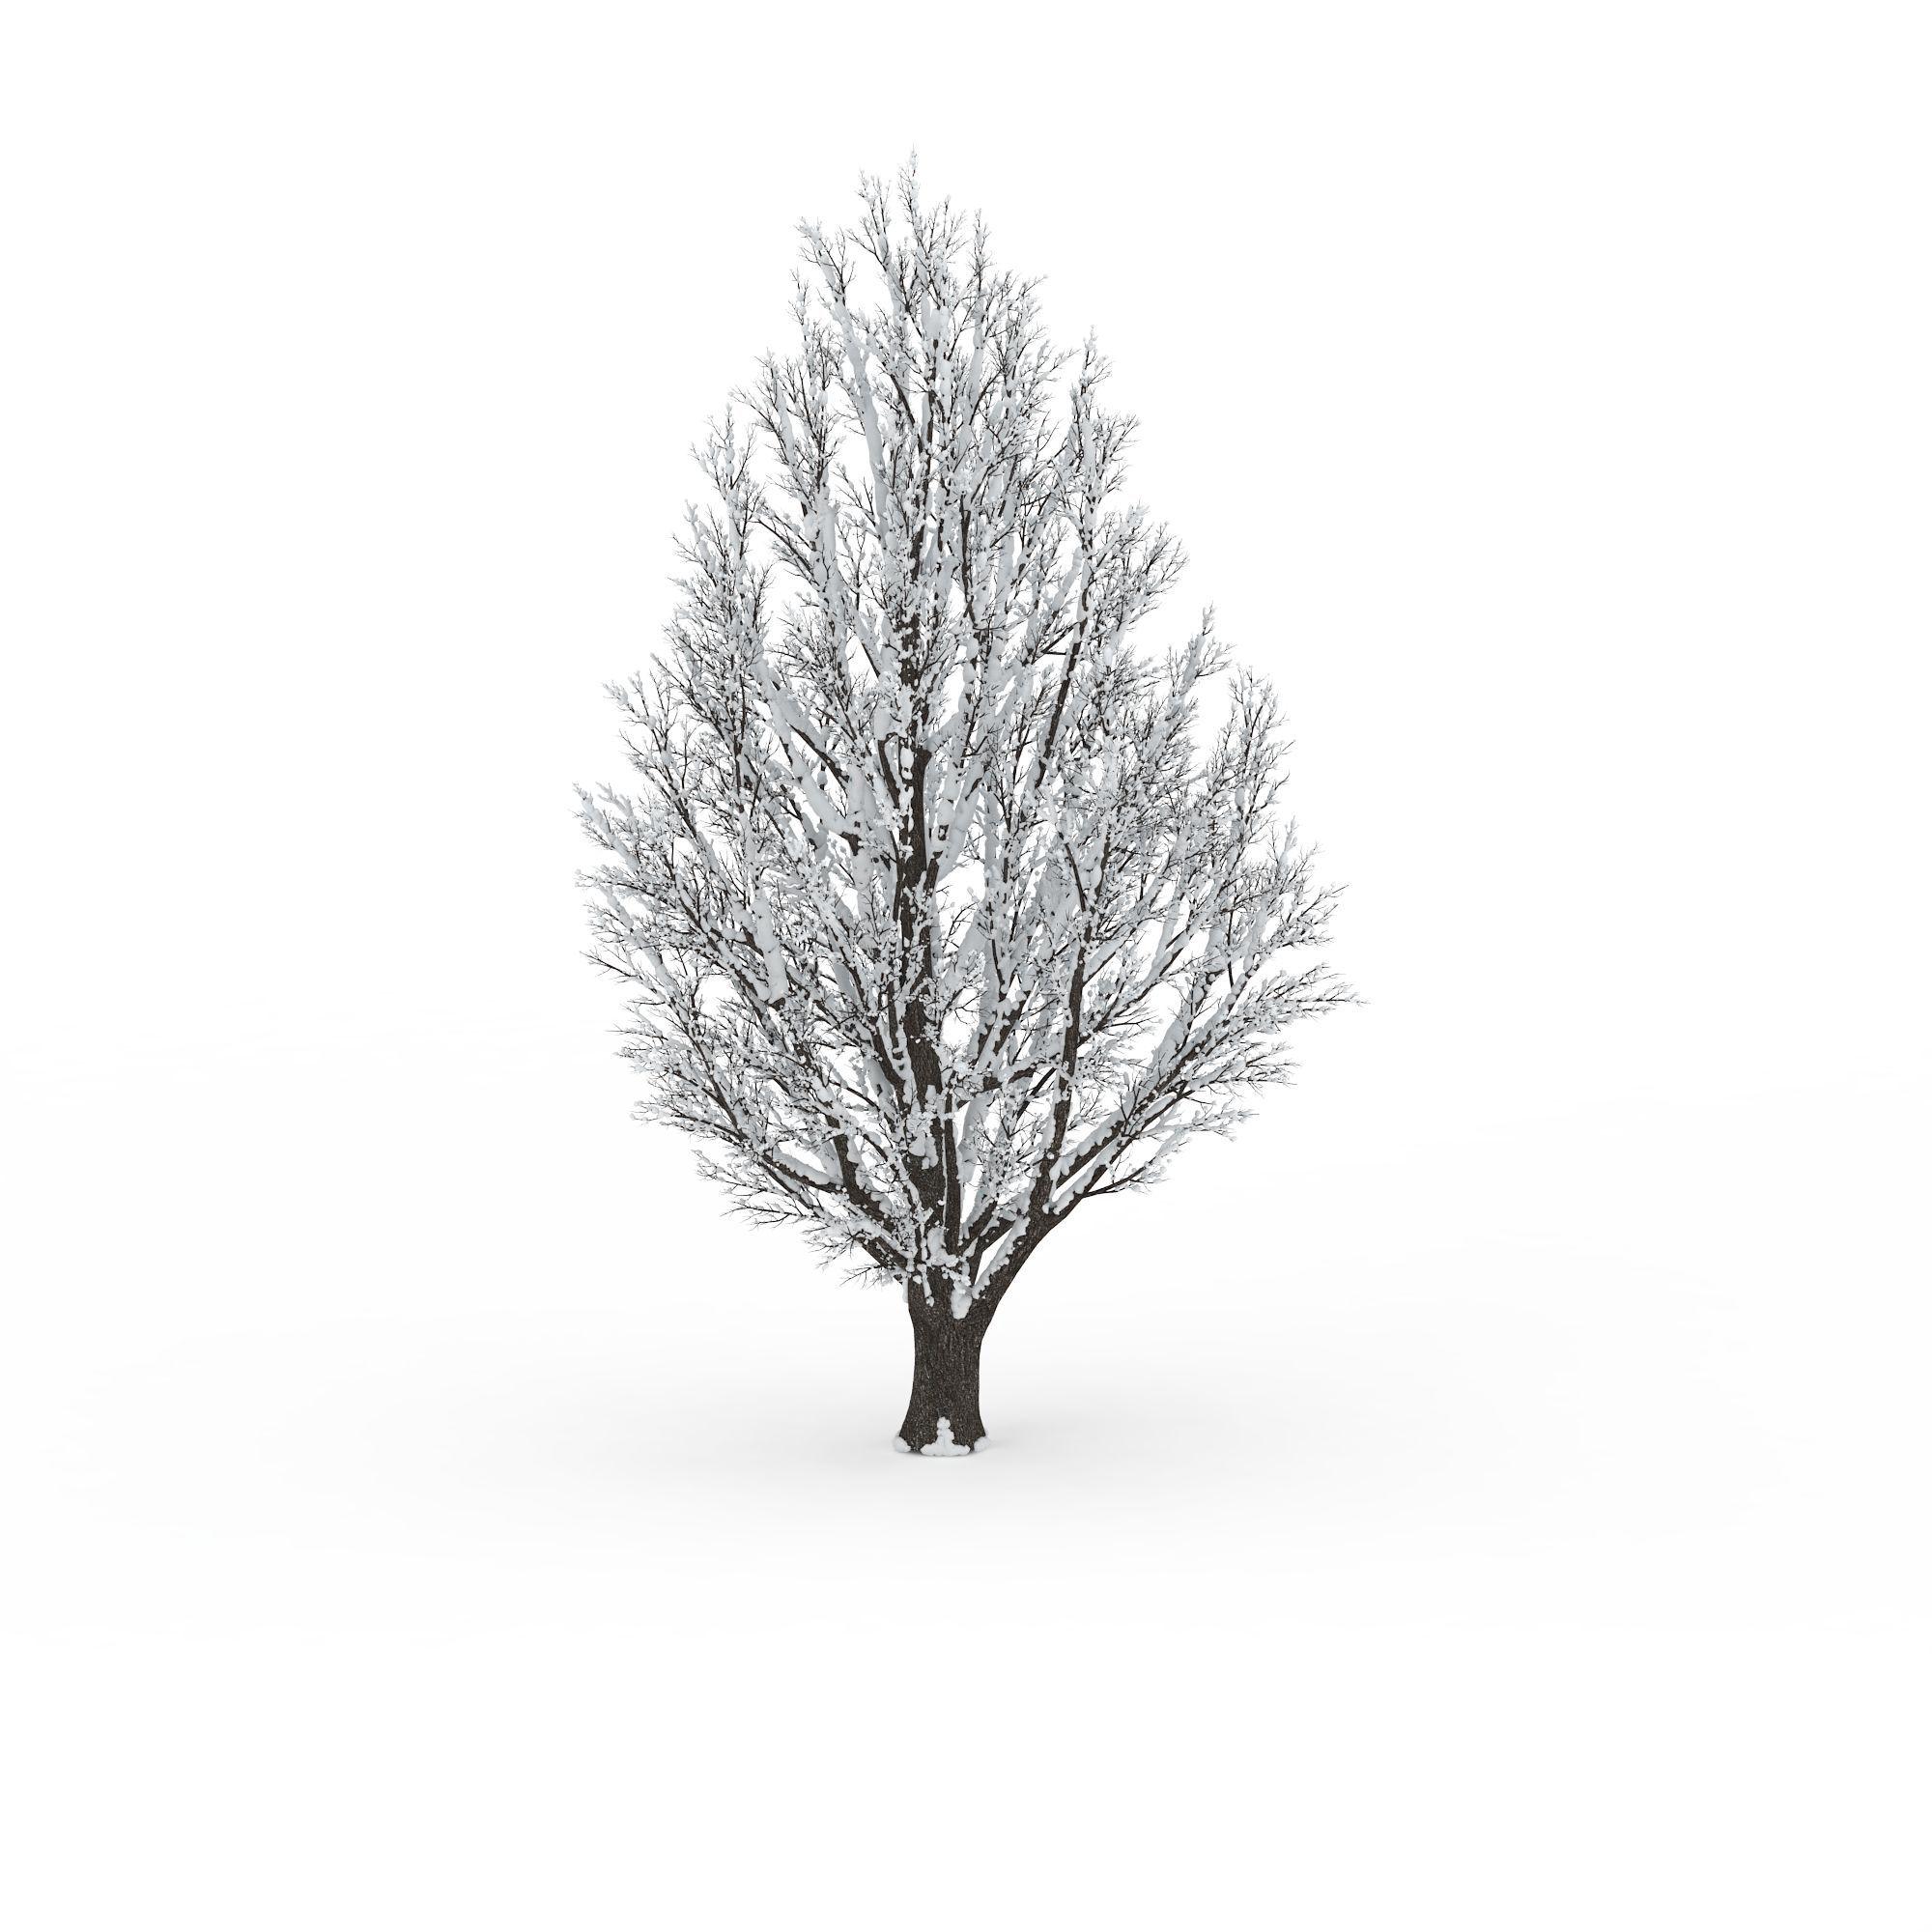 冬天落雪树图片_冬天落雪树png图片素材_冬天落雪树图